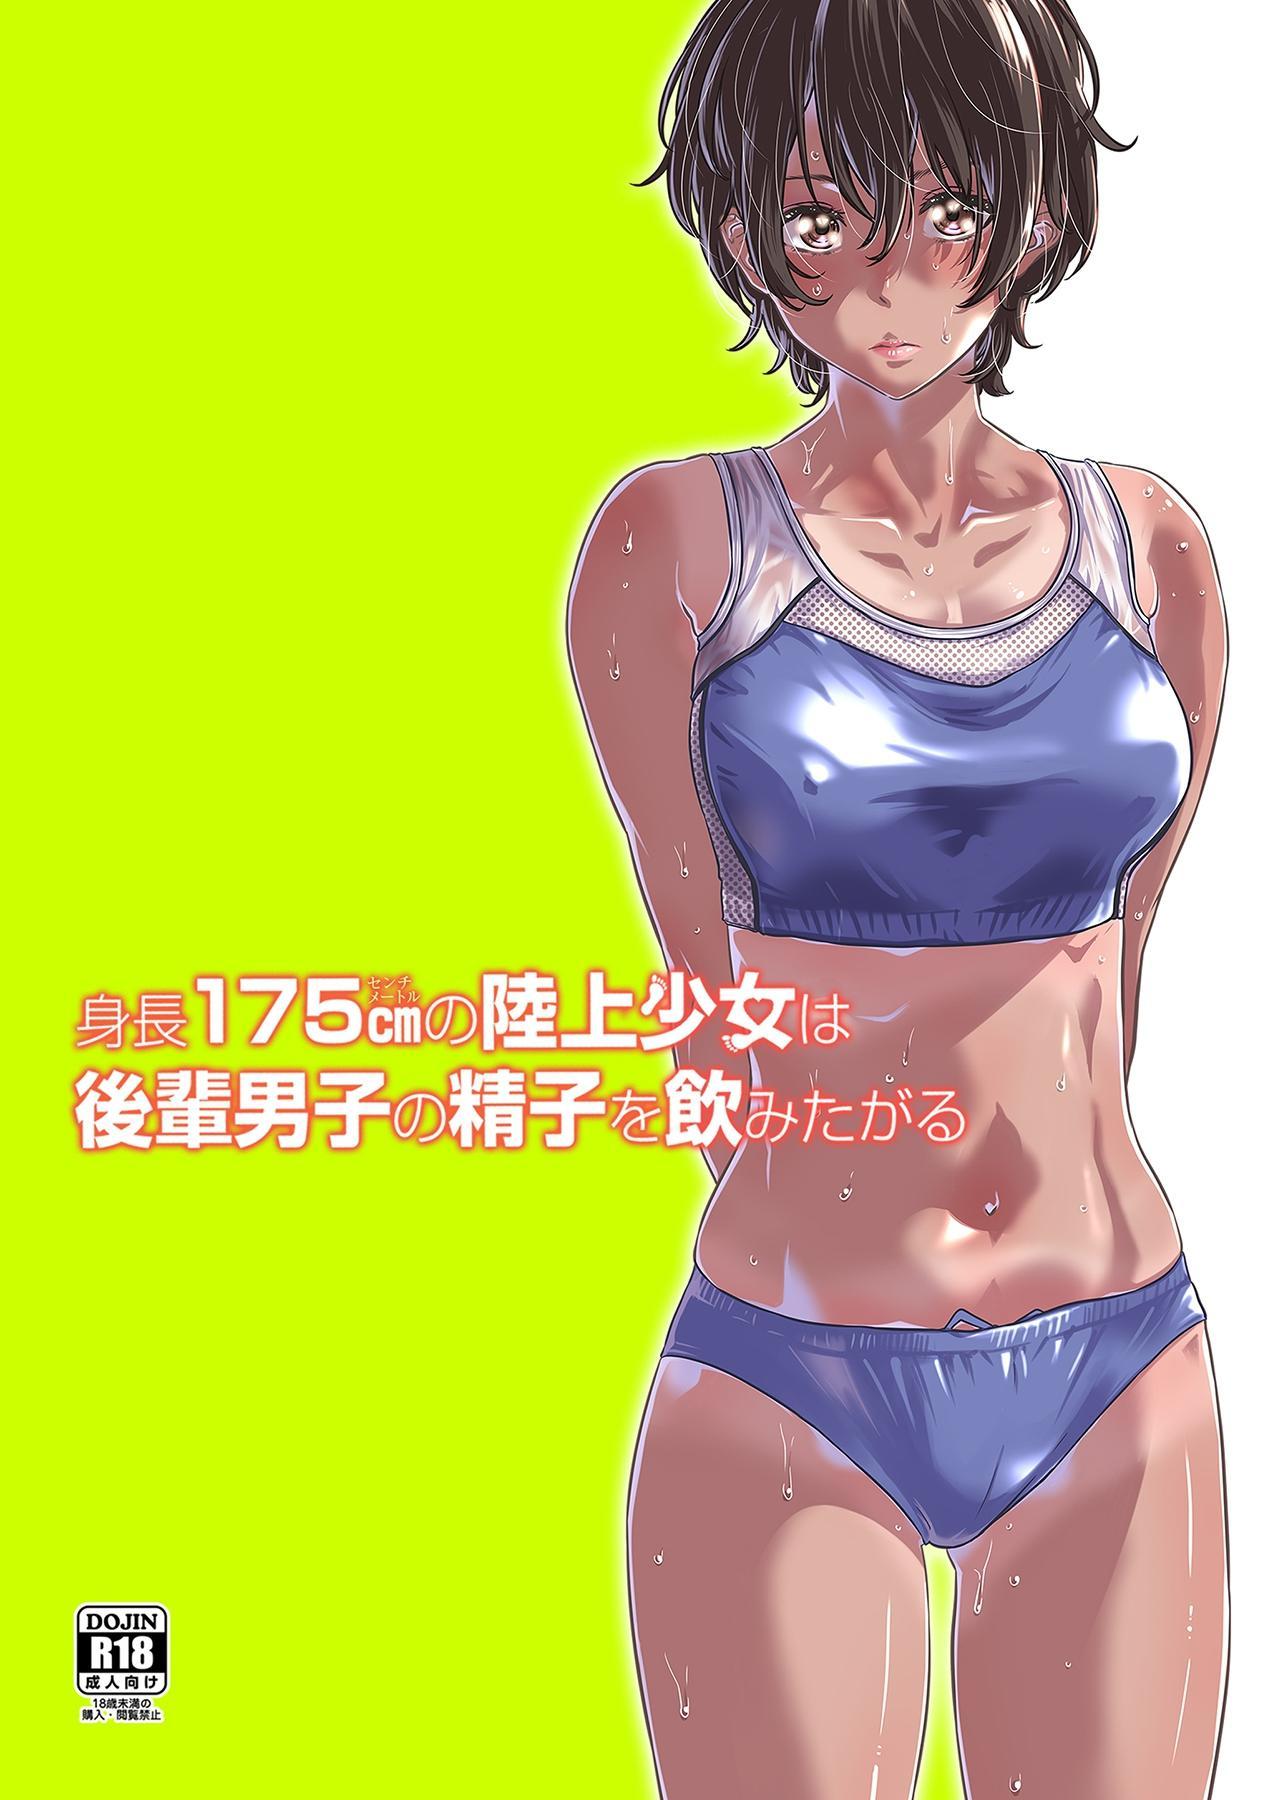 Shinchou 175cm no Rikujou Shoujo wa Kouhai Danshi no Seishi o Nomitagaru 0